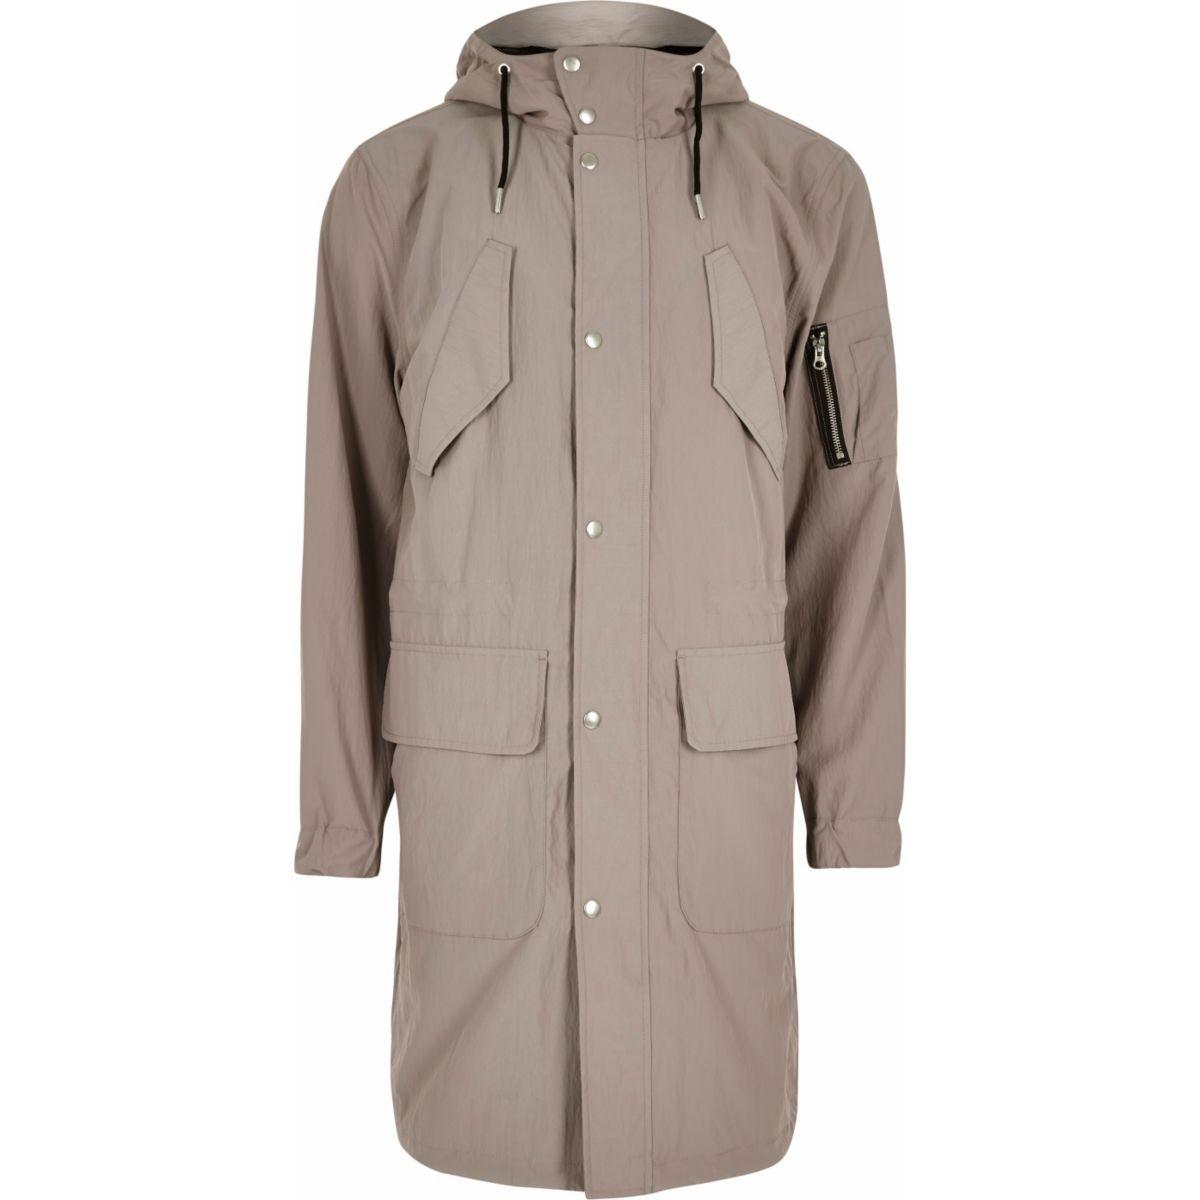 Stone pocket parka coat